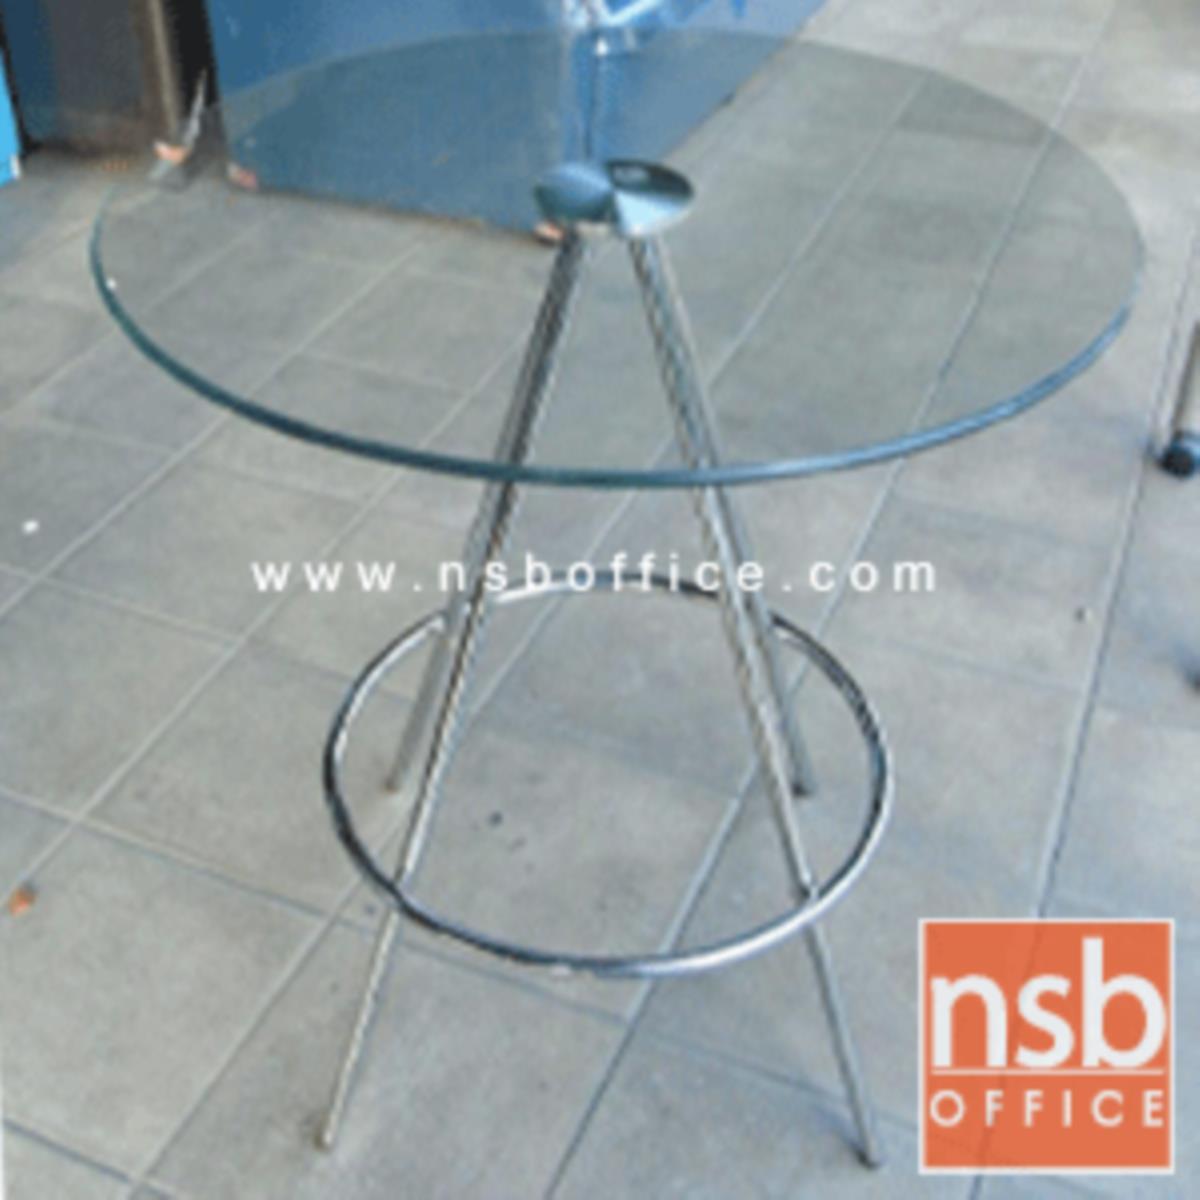 A09A054:โต๊ะหน้ากระจก รุ่น Dillon (ดิลลอน) ขนาด 60W ,60Di cm.   โครงขาเหล็กชุบโครเมี่ยม